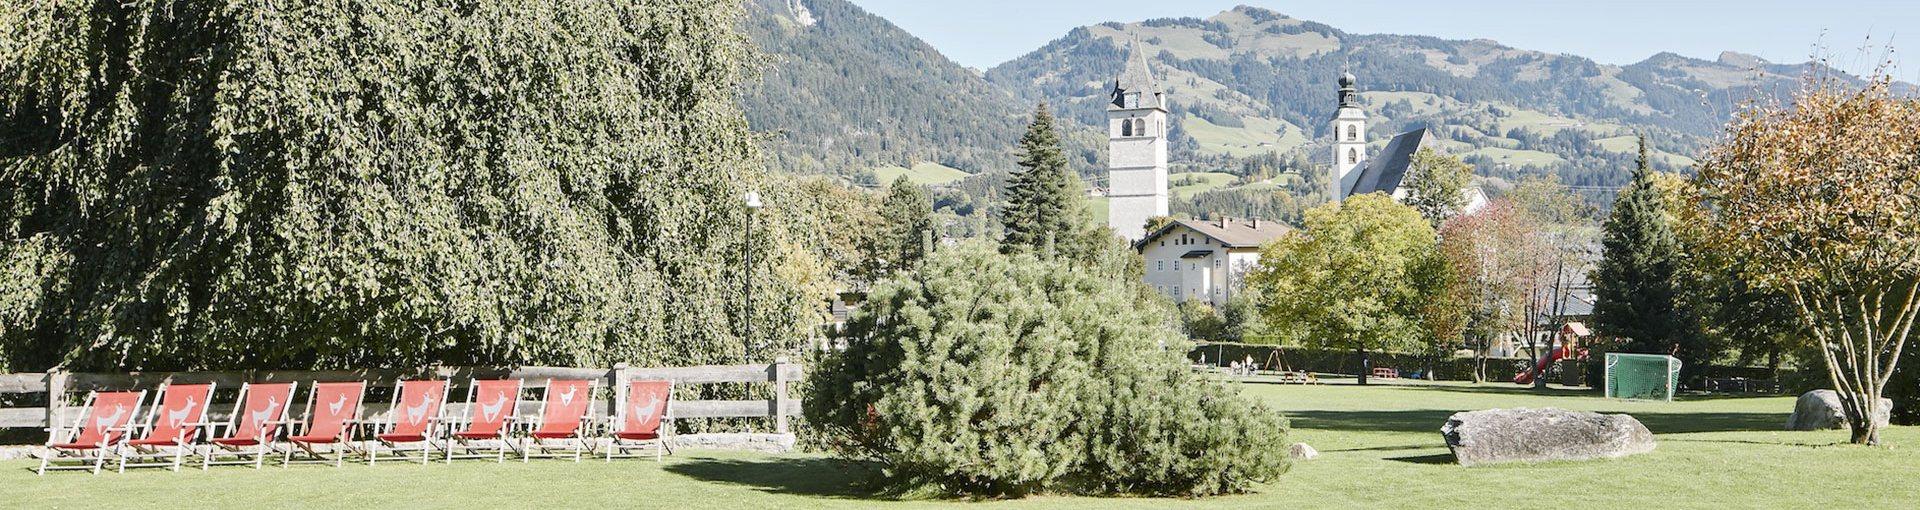 Kitzbühel Hotel Kitzhof © David Schreyer